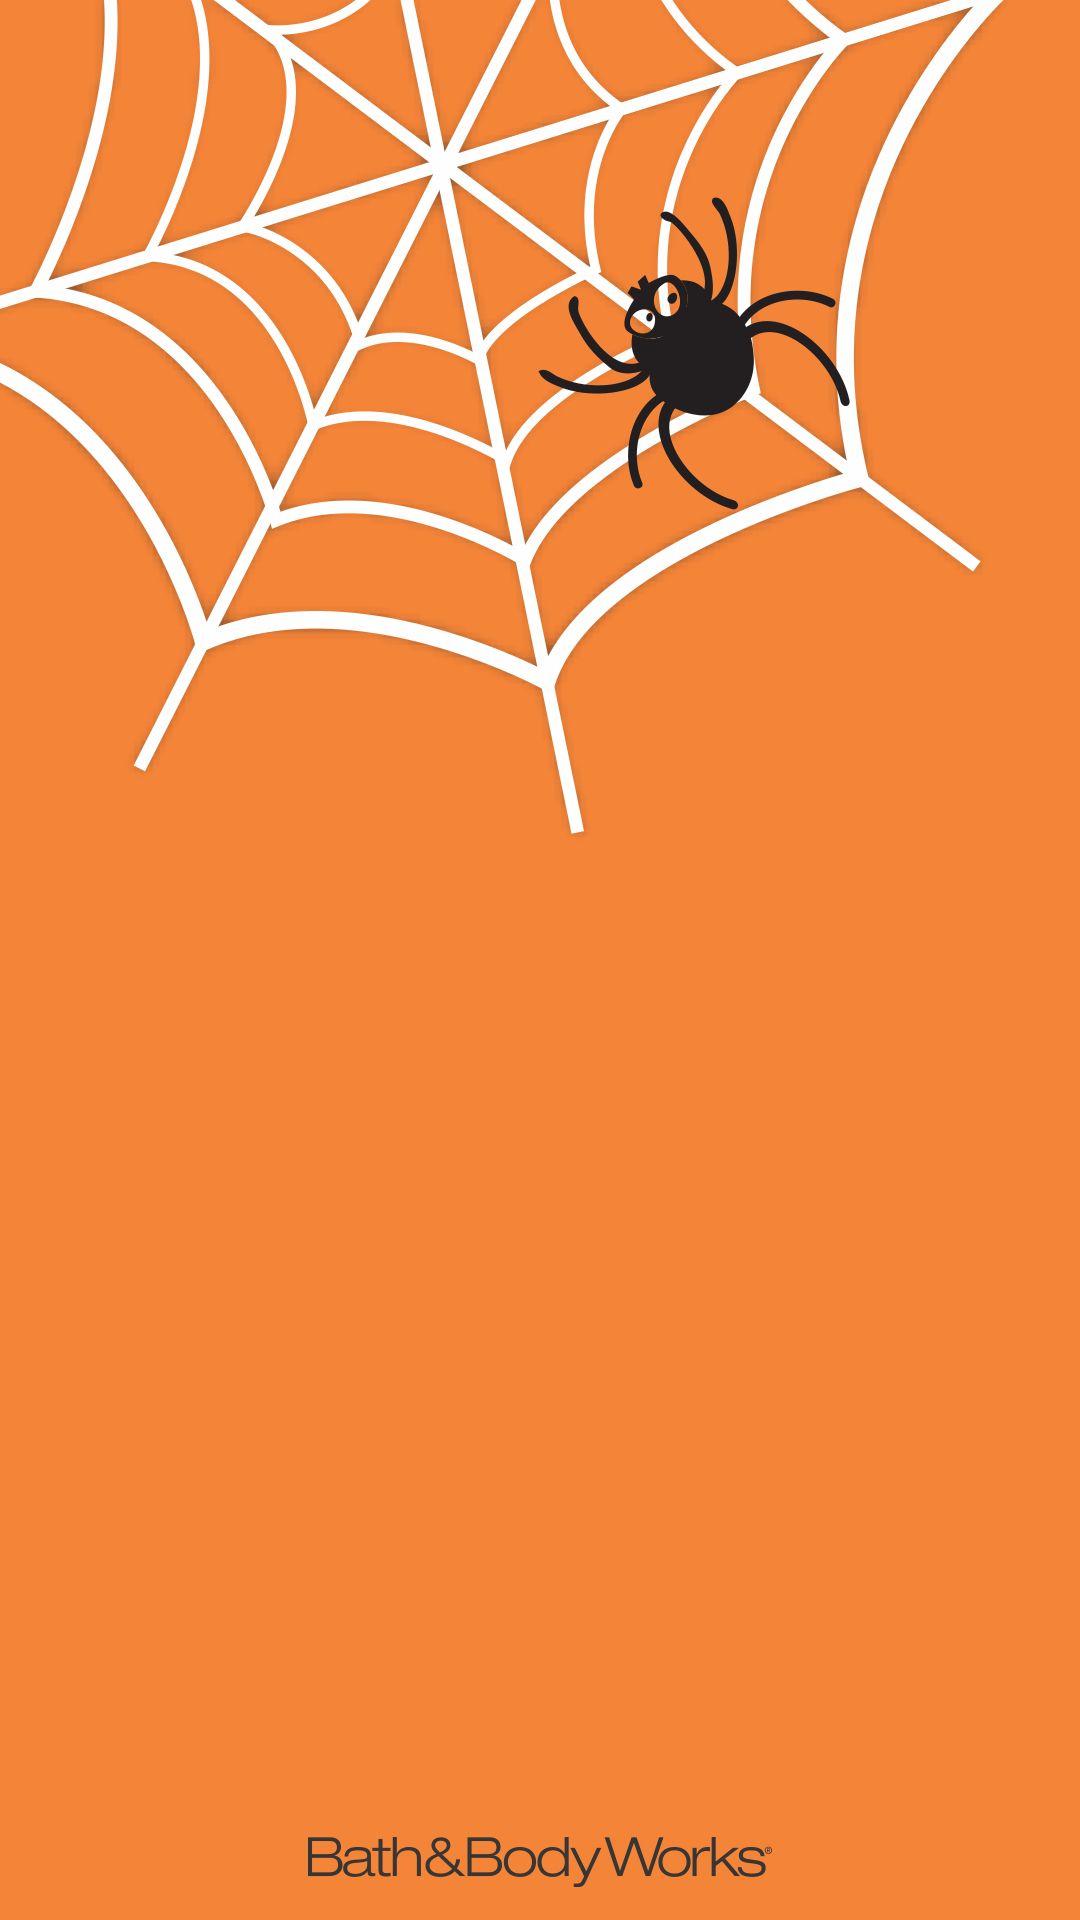 Download Wallpaper Halloween Spider - 6b12a316290565aa184dd86883d6cb1e  HD_55312.jpg